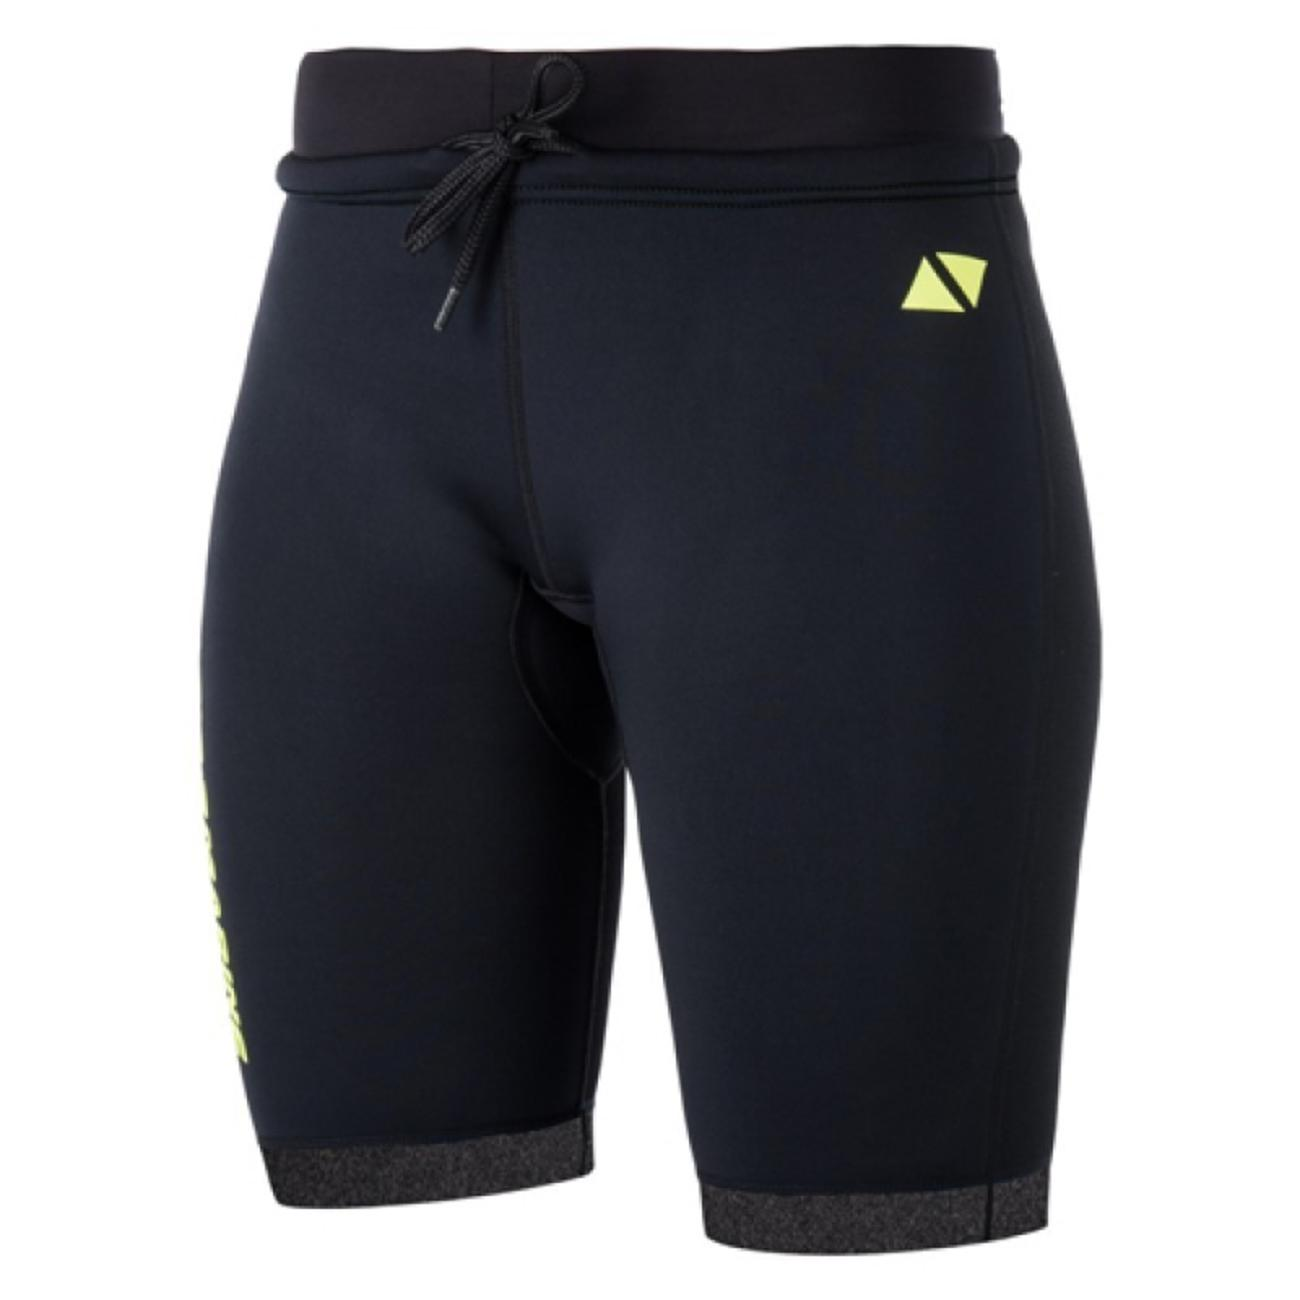 Ultimate Shorts Neoprene 1.5mm Flatlock Women ウェットパンツ レディース